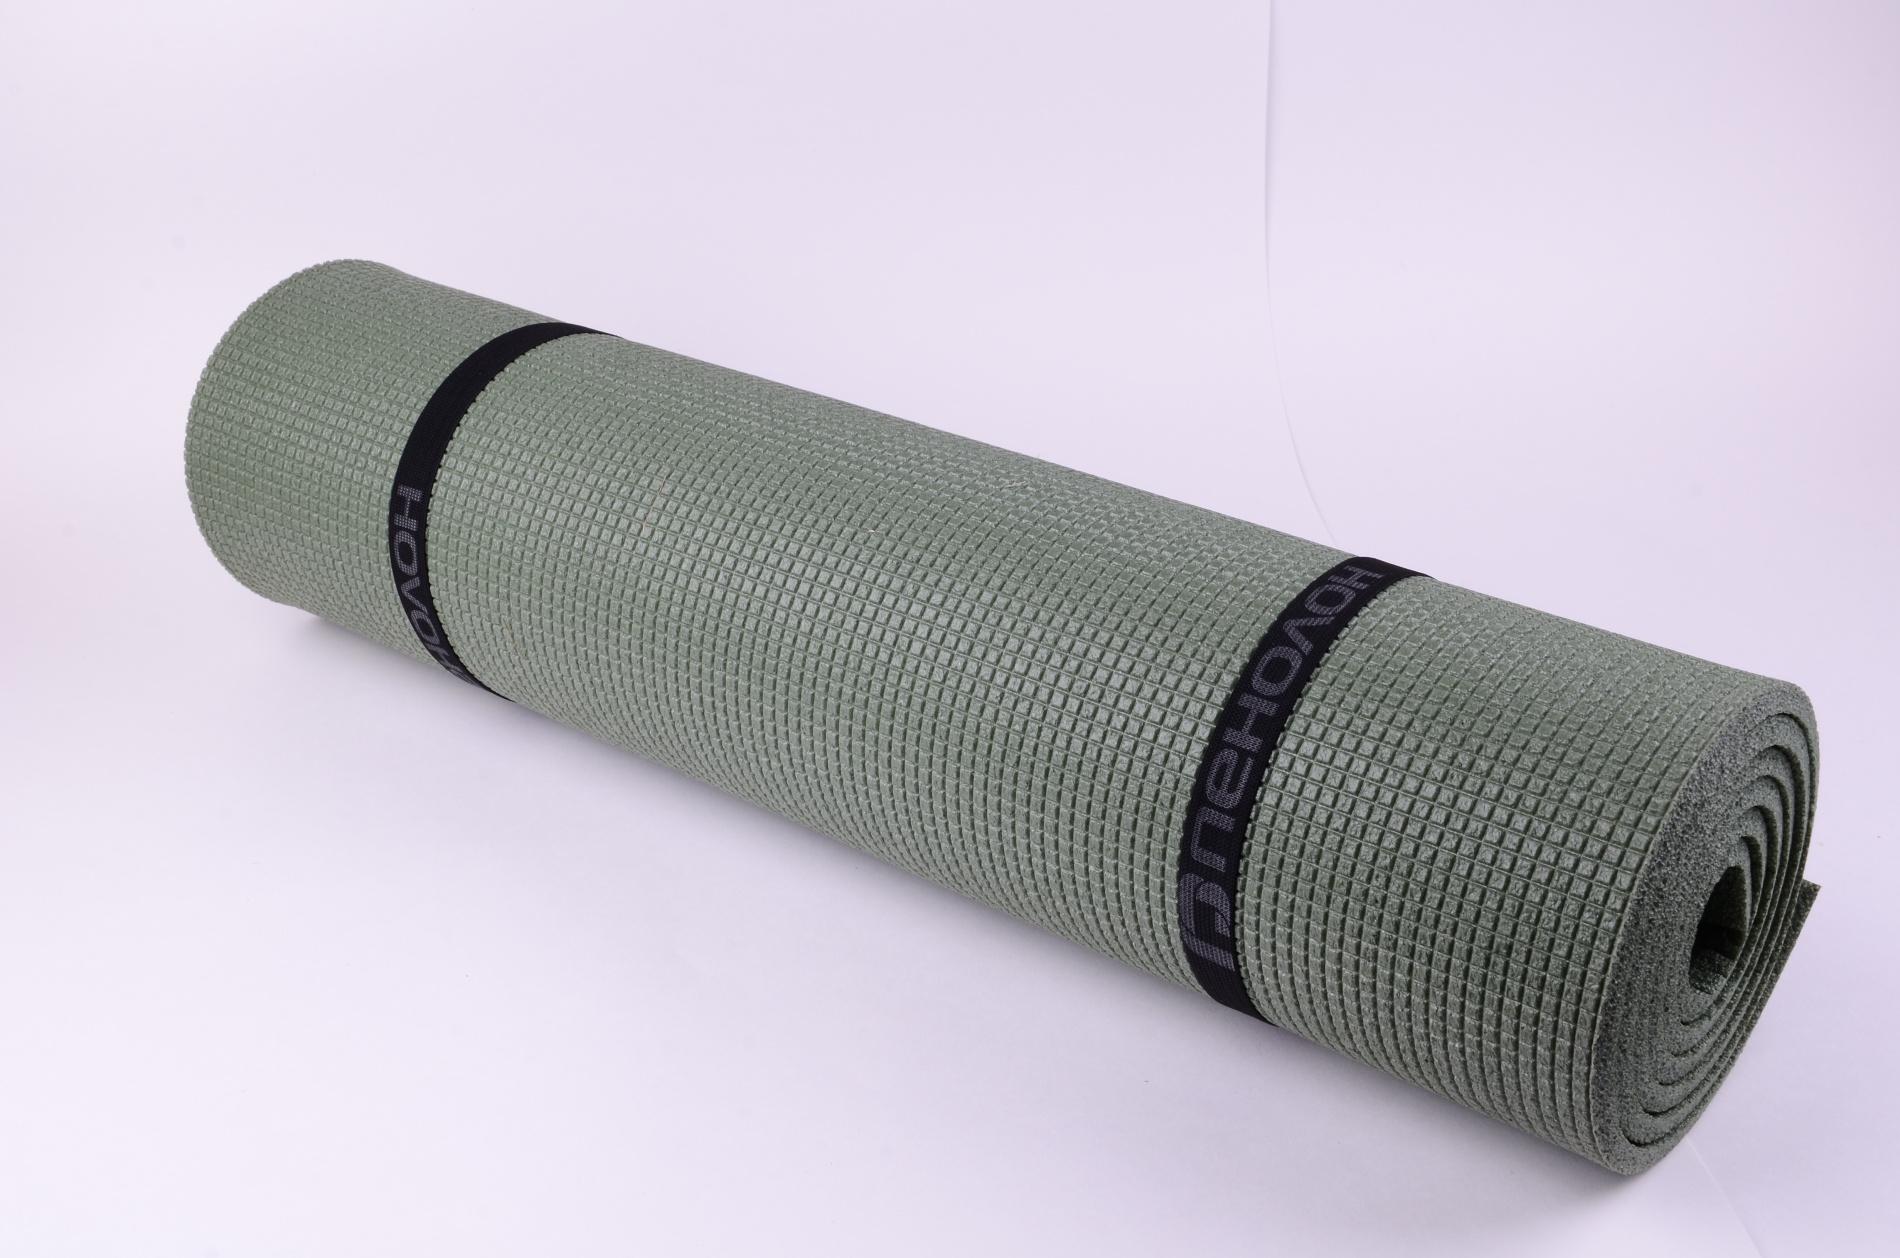 Коврик туристический пенолон 1800*600*8 цв.серый КОВ102